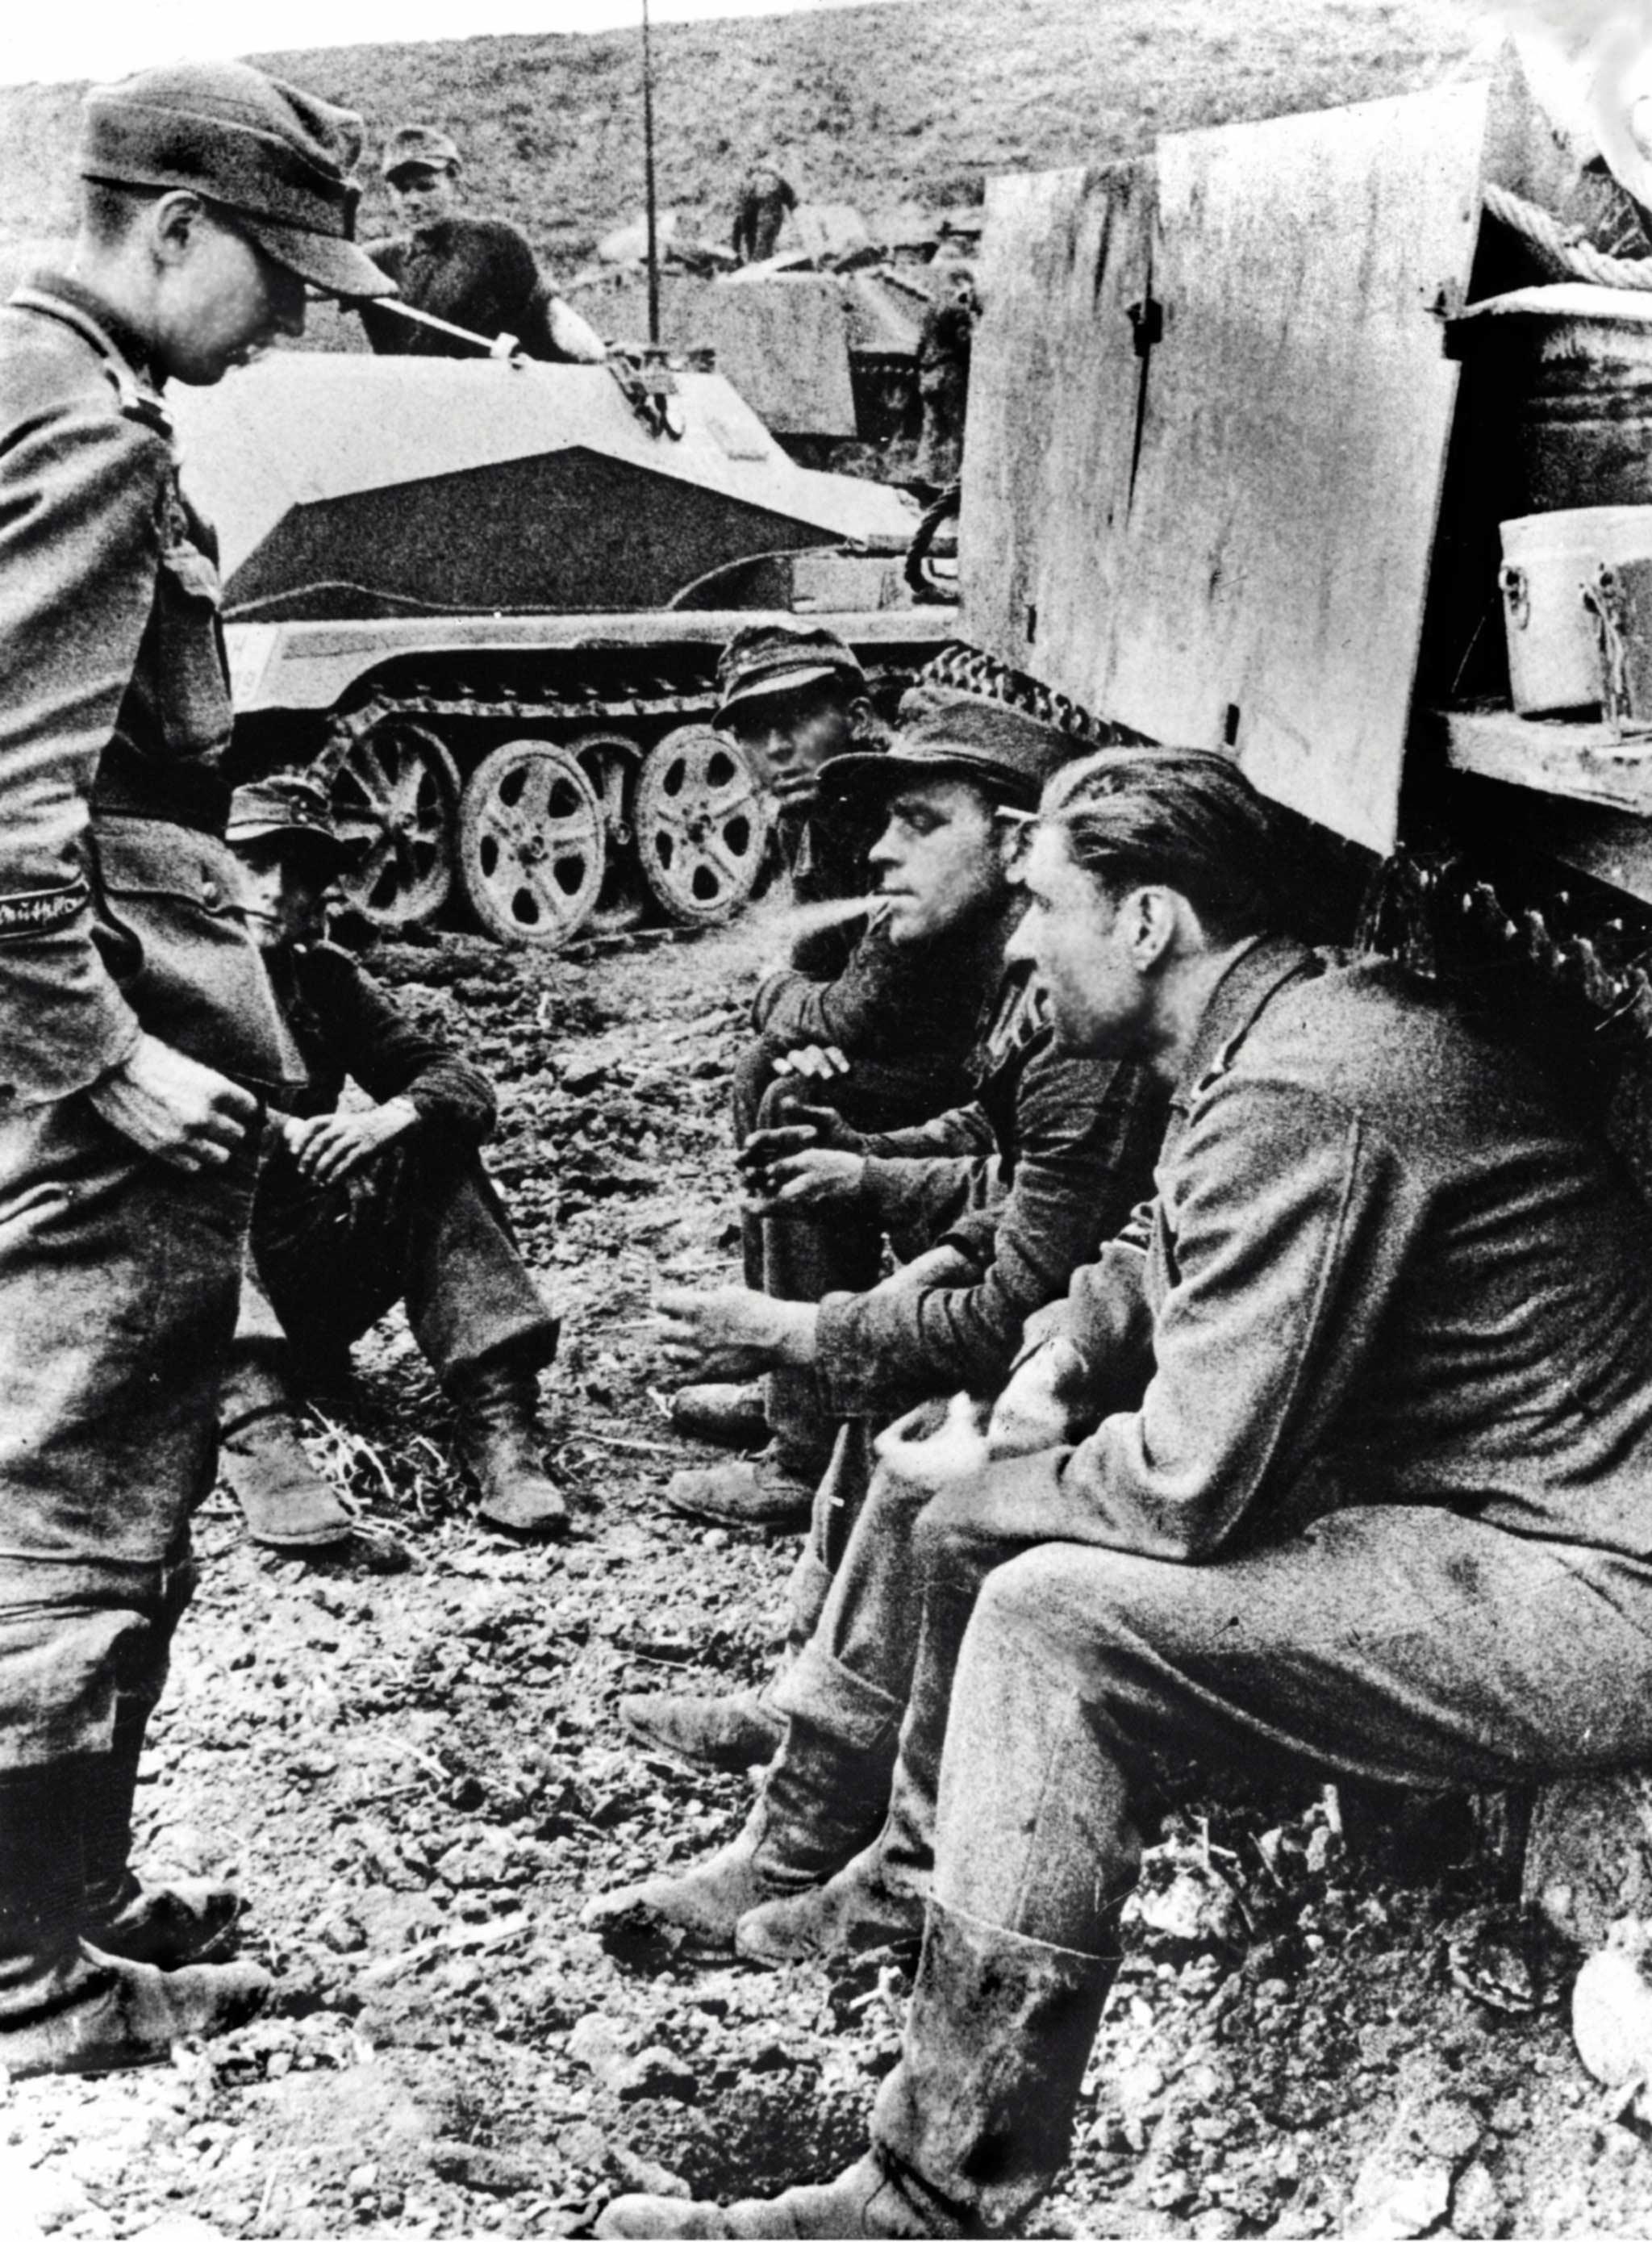 German artillerymen of the Großdeutschland division smoke around the